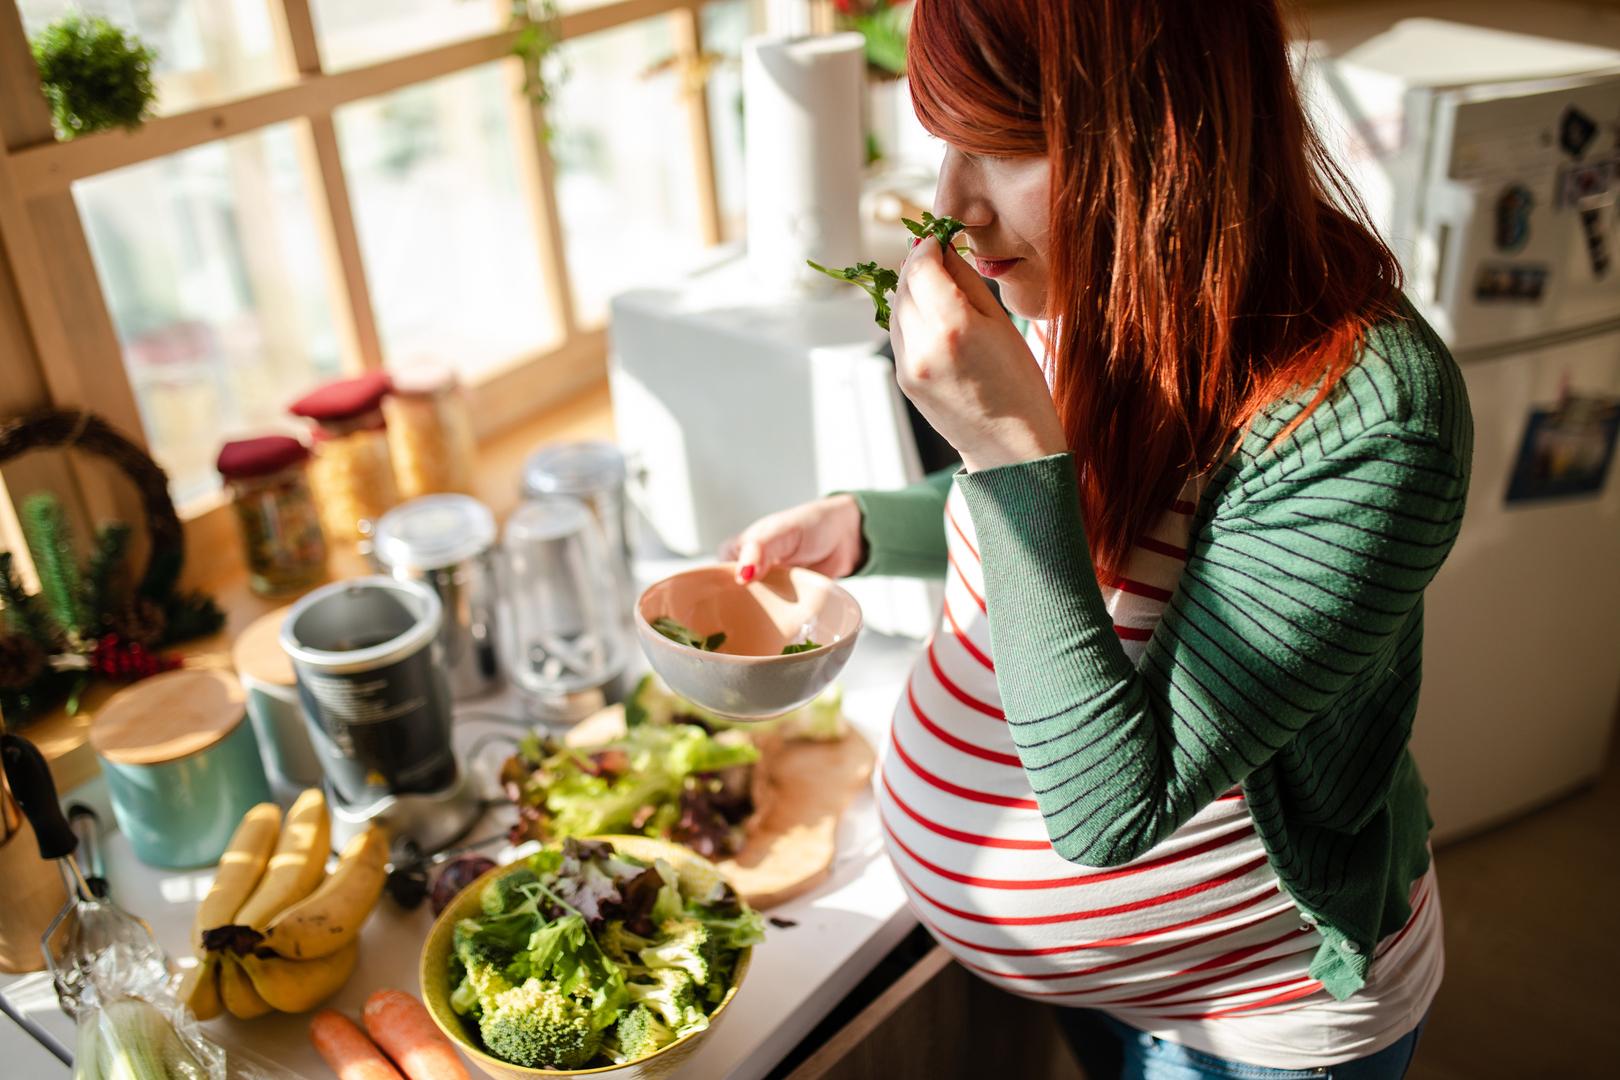 أطعمة يجب على الحوامل تجنبها للحفاظ على صحتهن